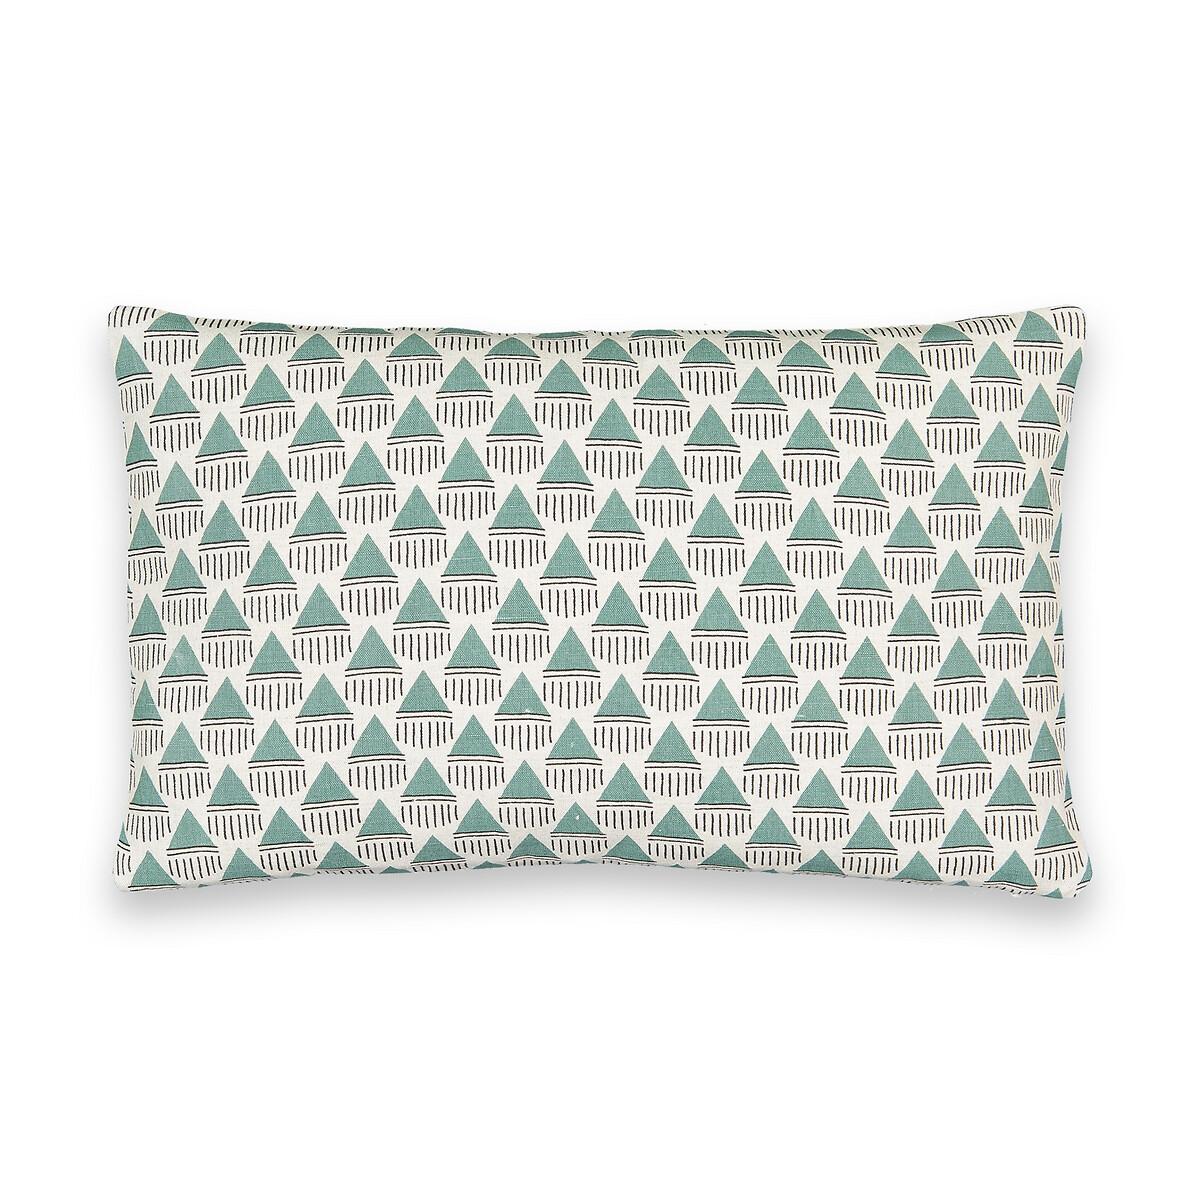 Чехол LaRedoute На подушку Evergreen 50 x 30 см зеленый